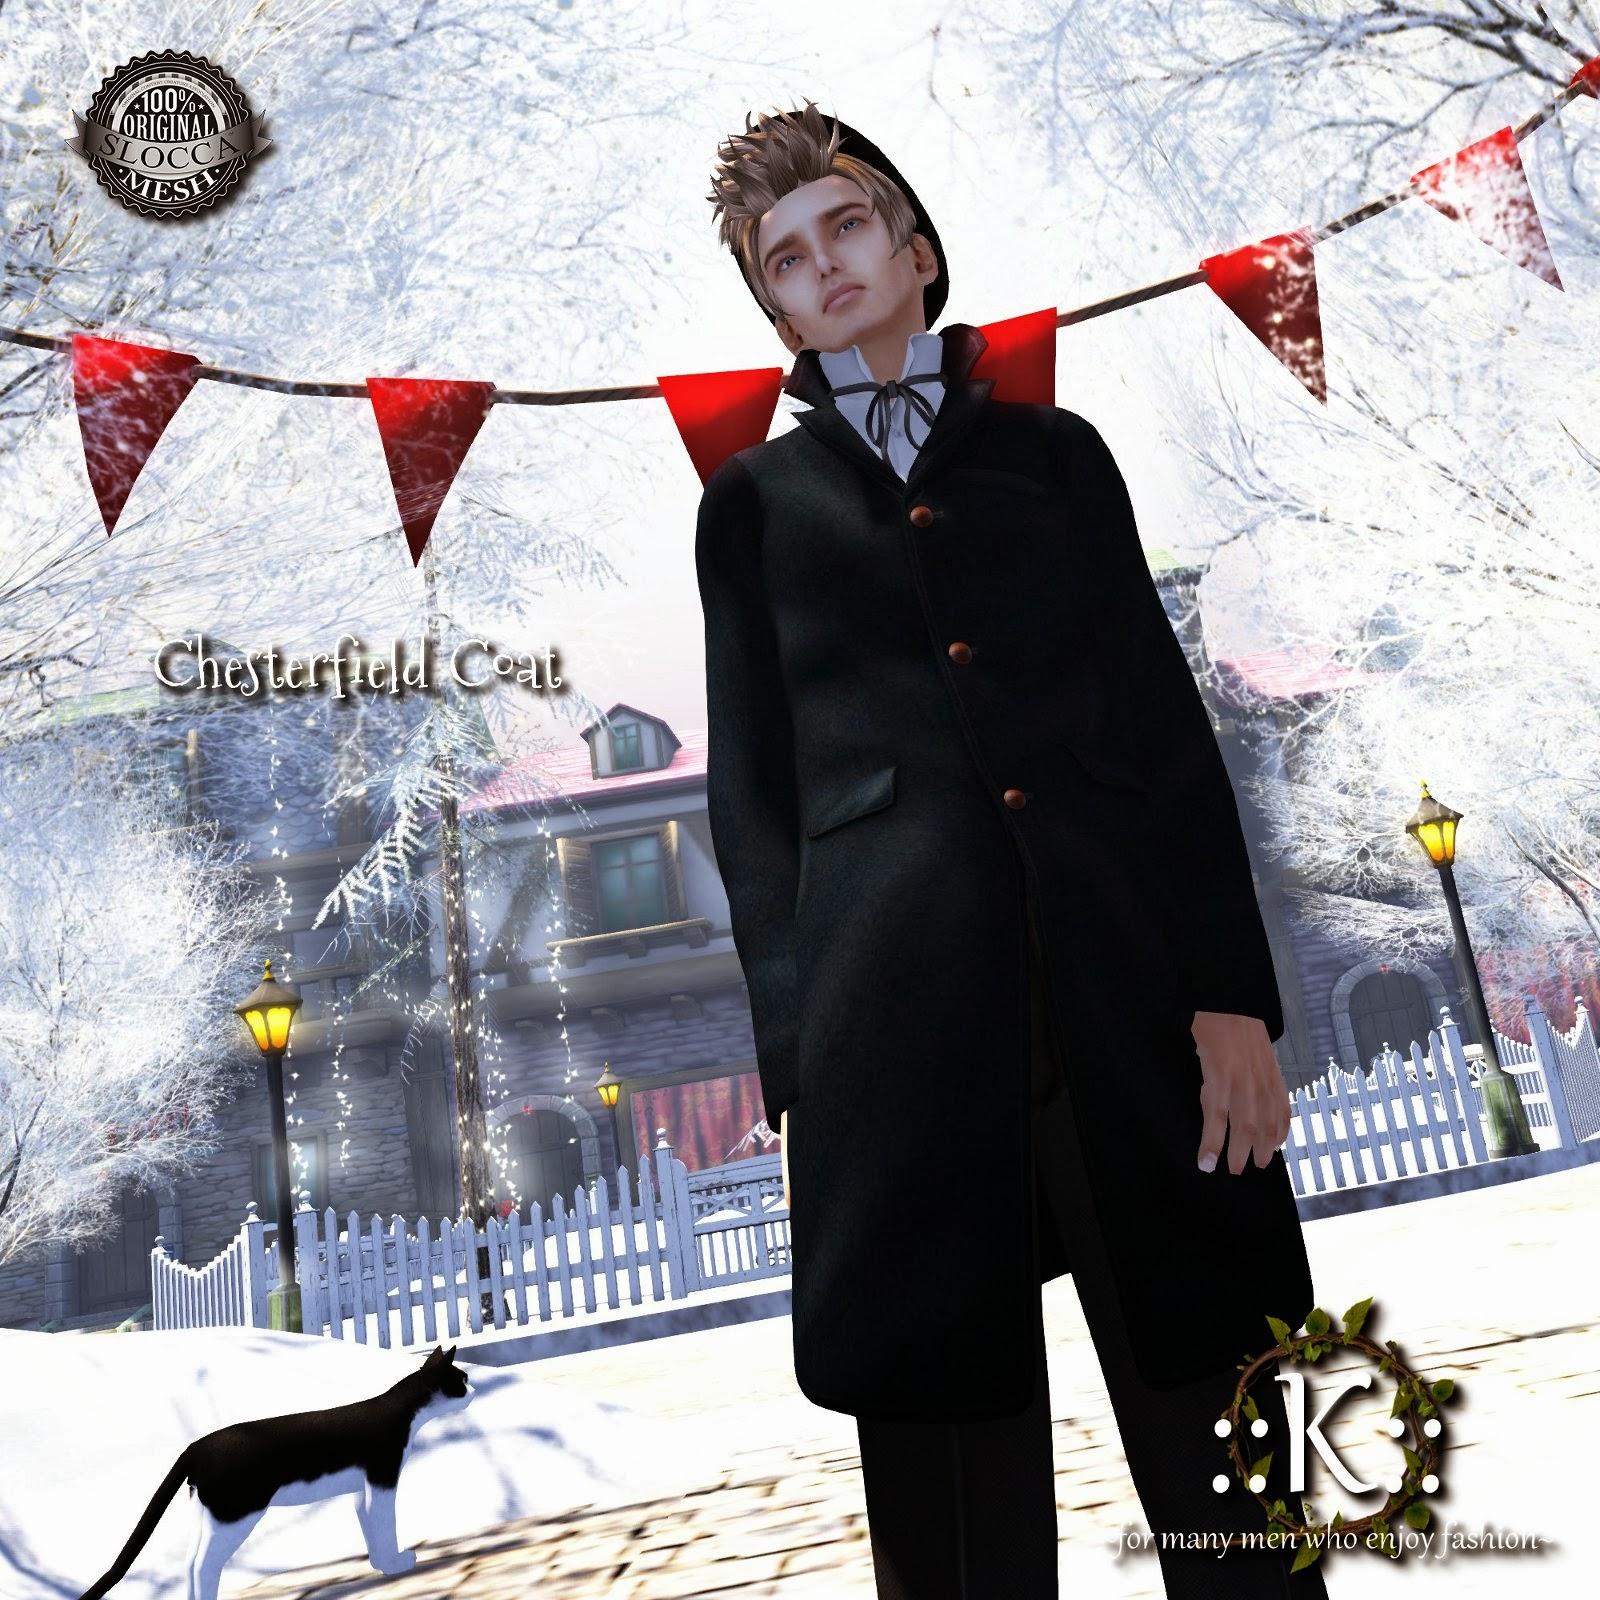 K Chesterfield K Chesterfield Coat   TMD